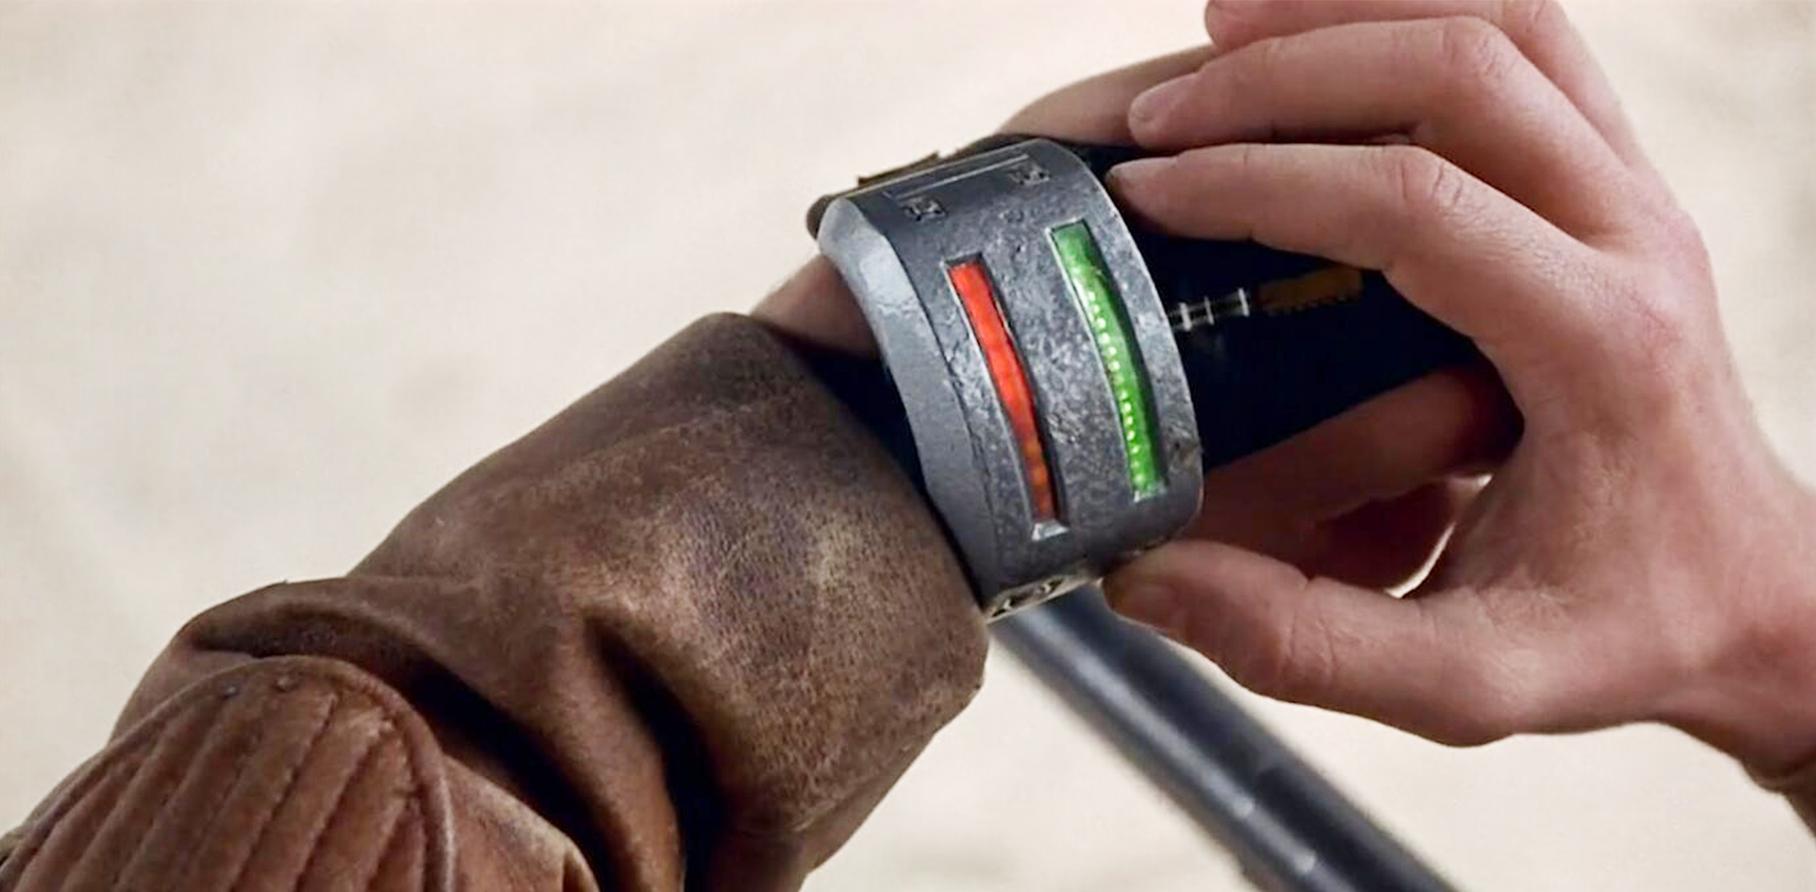 2078年在这颗星球上,不佩戴这个手环,没走多久就可能丧命